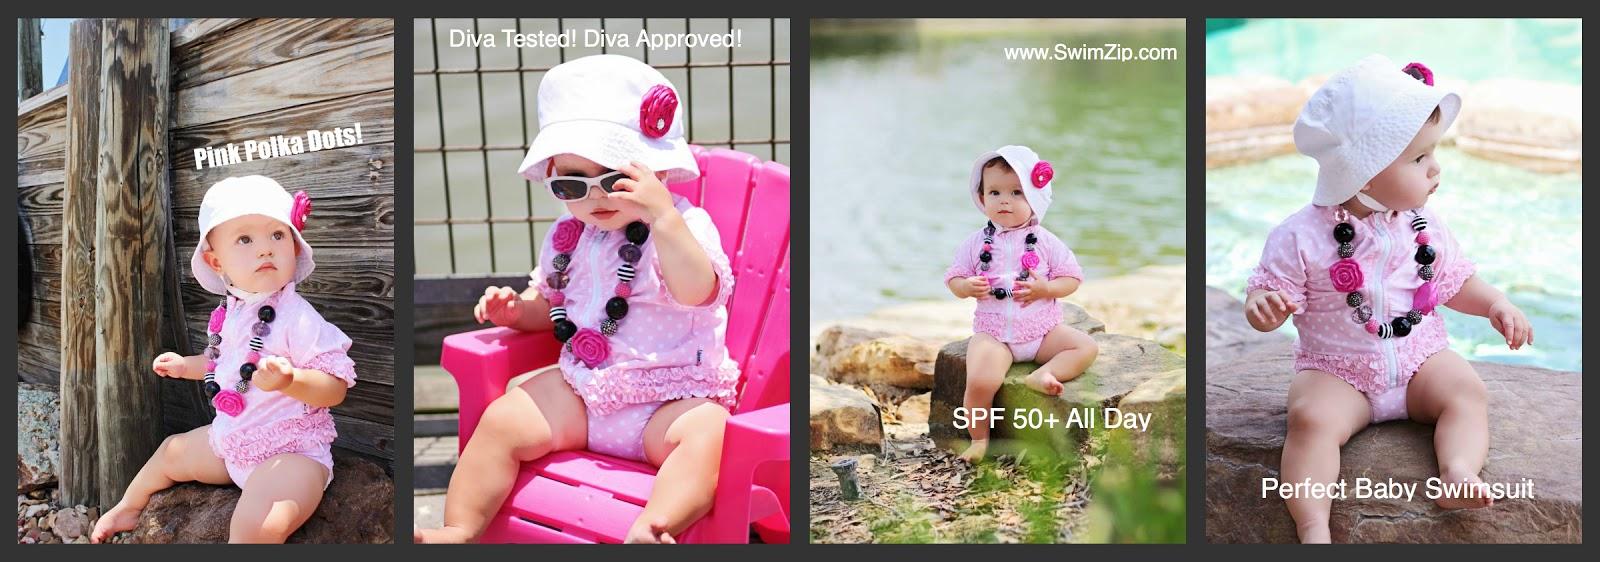 b693be8f3922a Stylish UPF 50+ Rash Guard Swimsuits and Swimwear by SwimZip: Baby ...